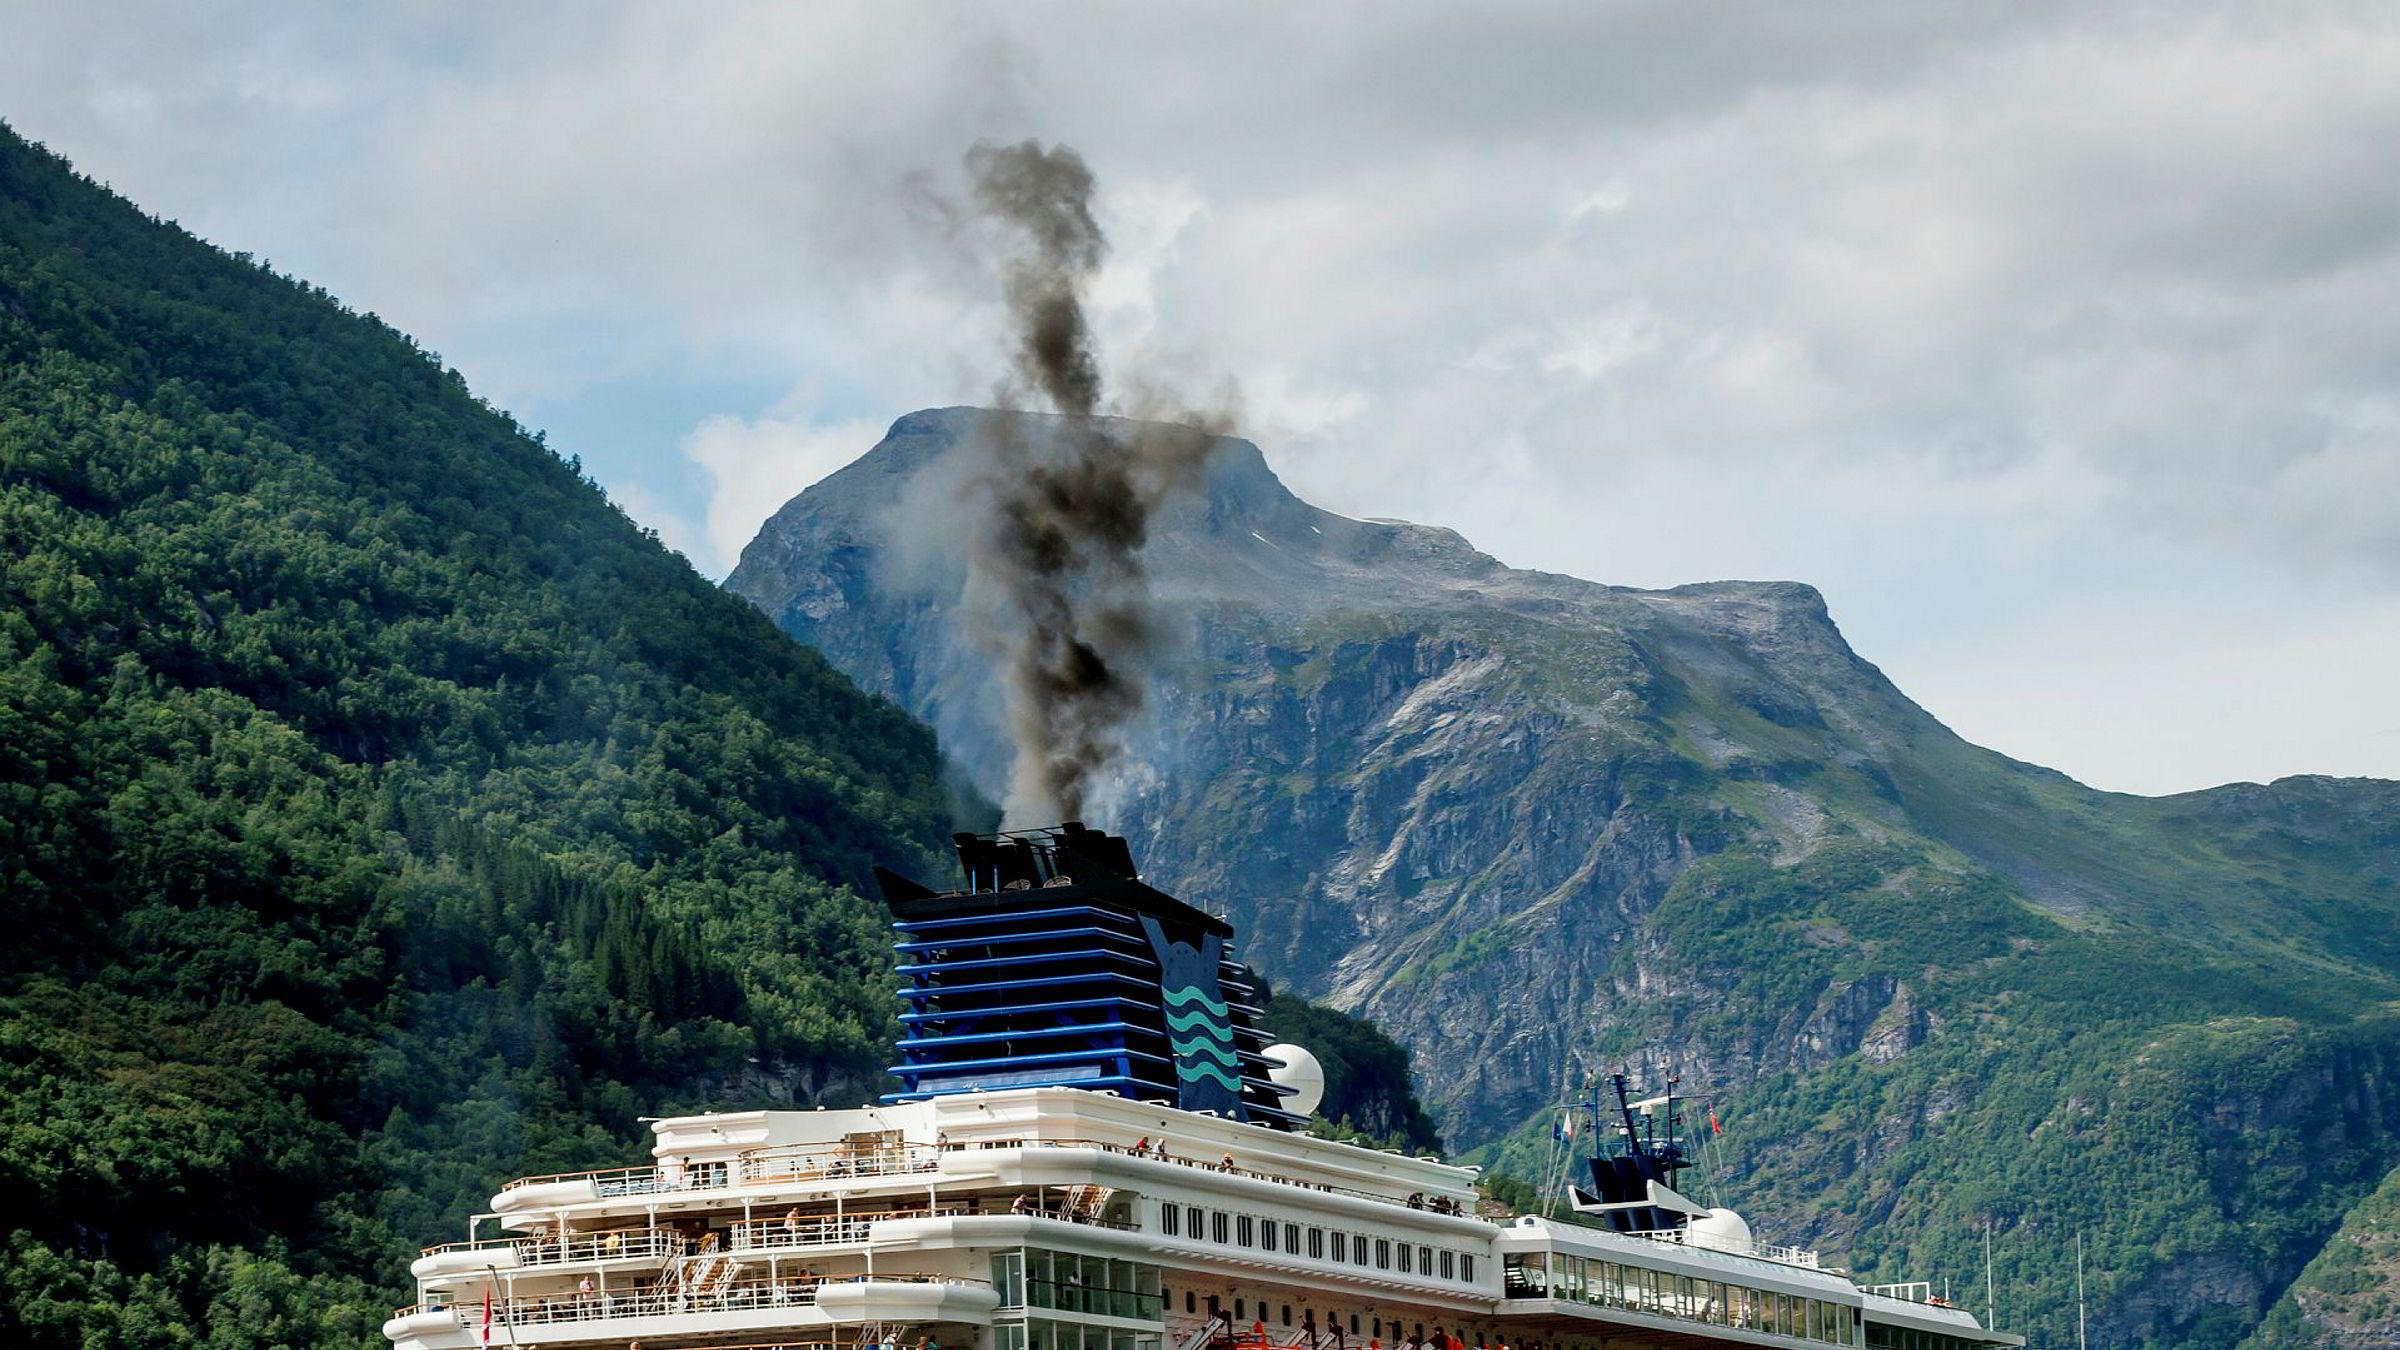 Dieselrøyk fra cruiseskip i Geirangerfjorden. Utslippene fra shipping i dag vil fortsatt varme kloden i mange århundrer, skriver artikkelforfatterne.